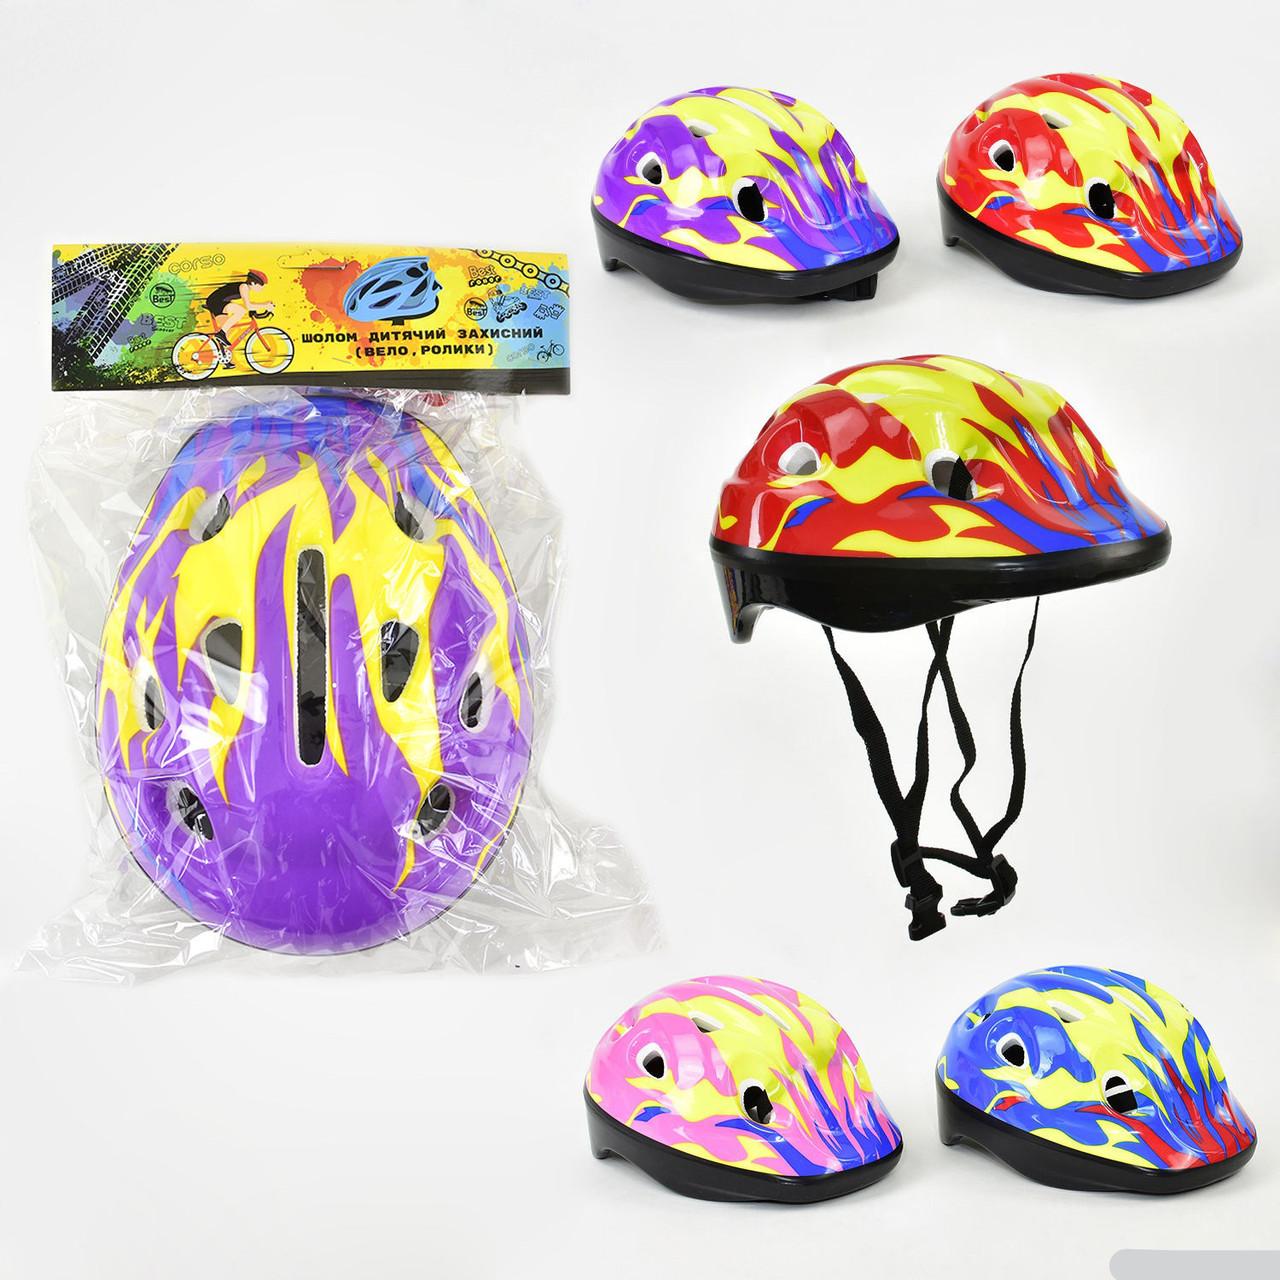 Шлем F 22251 , 5 цветов, ВЫДАЕМ МИКС